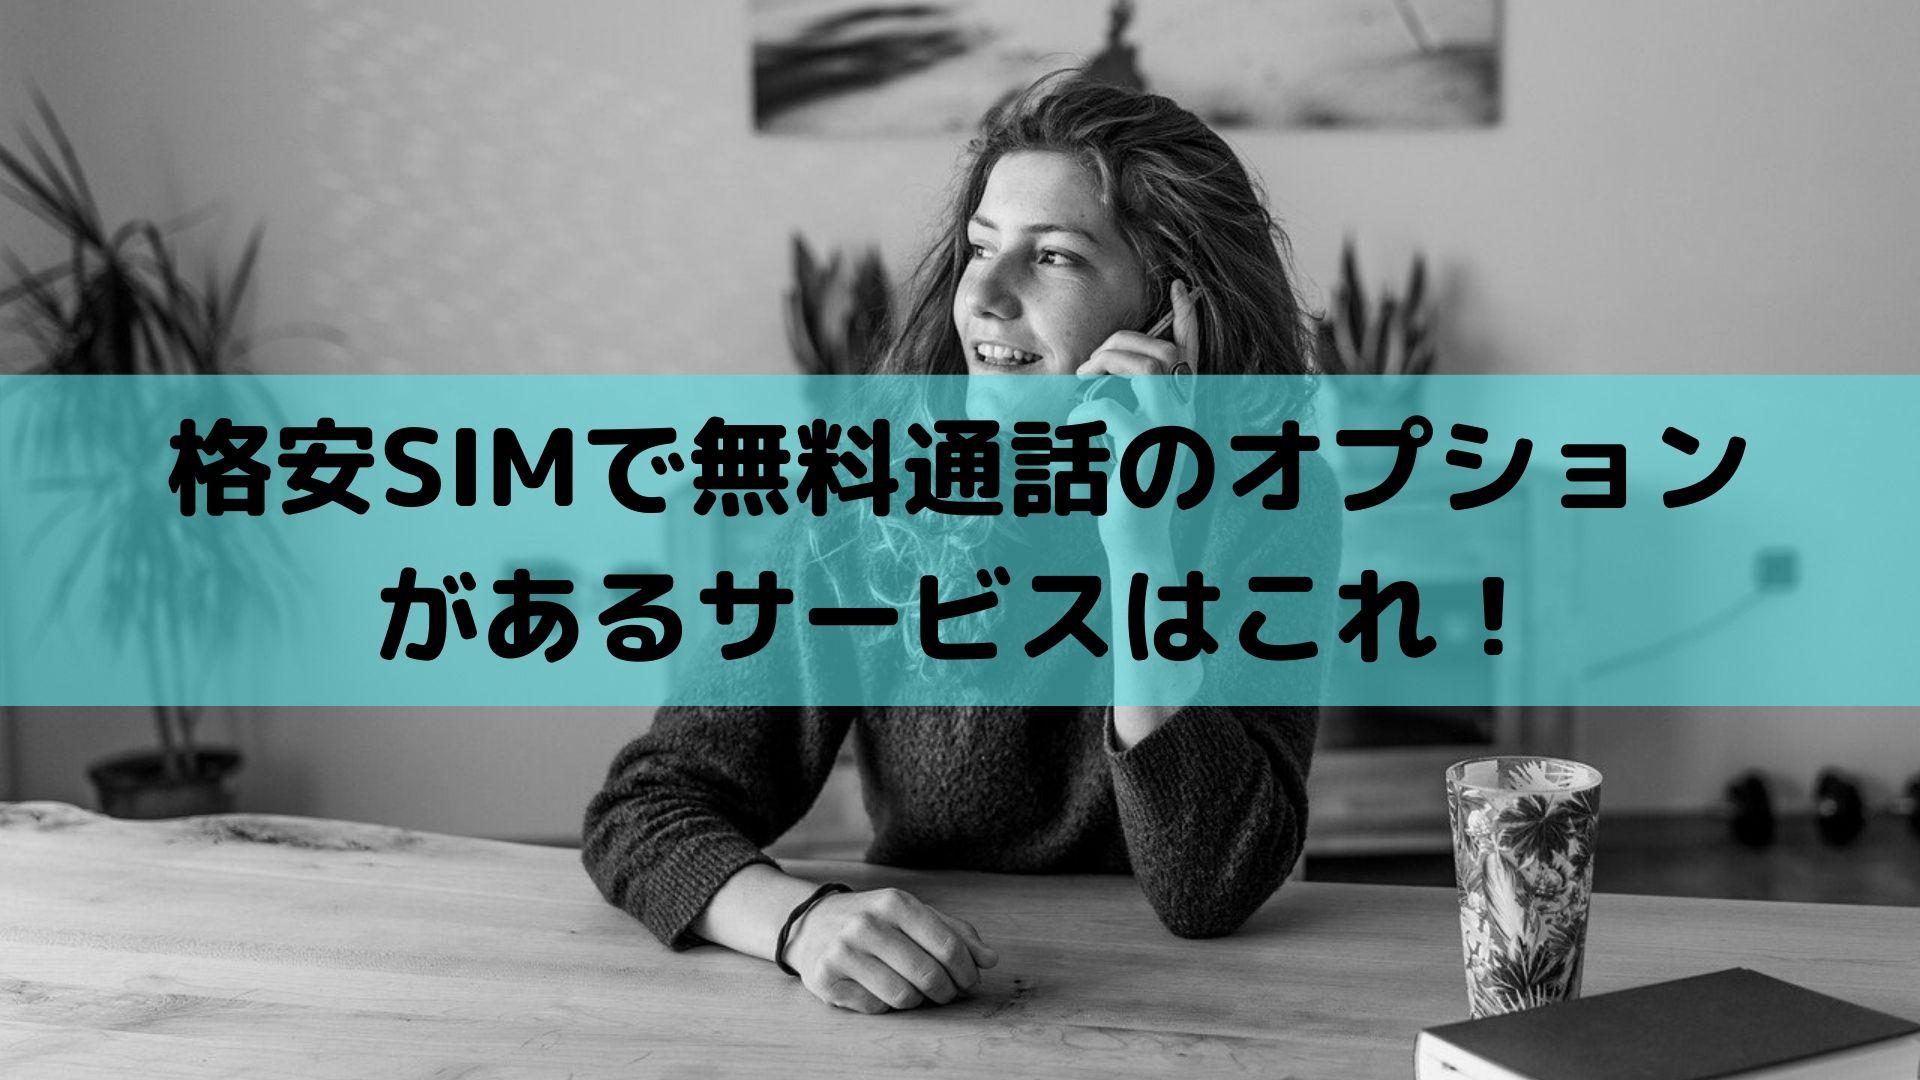 格安SIMで無料通話のオプションがあるサービスはこれ!